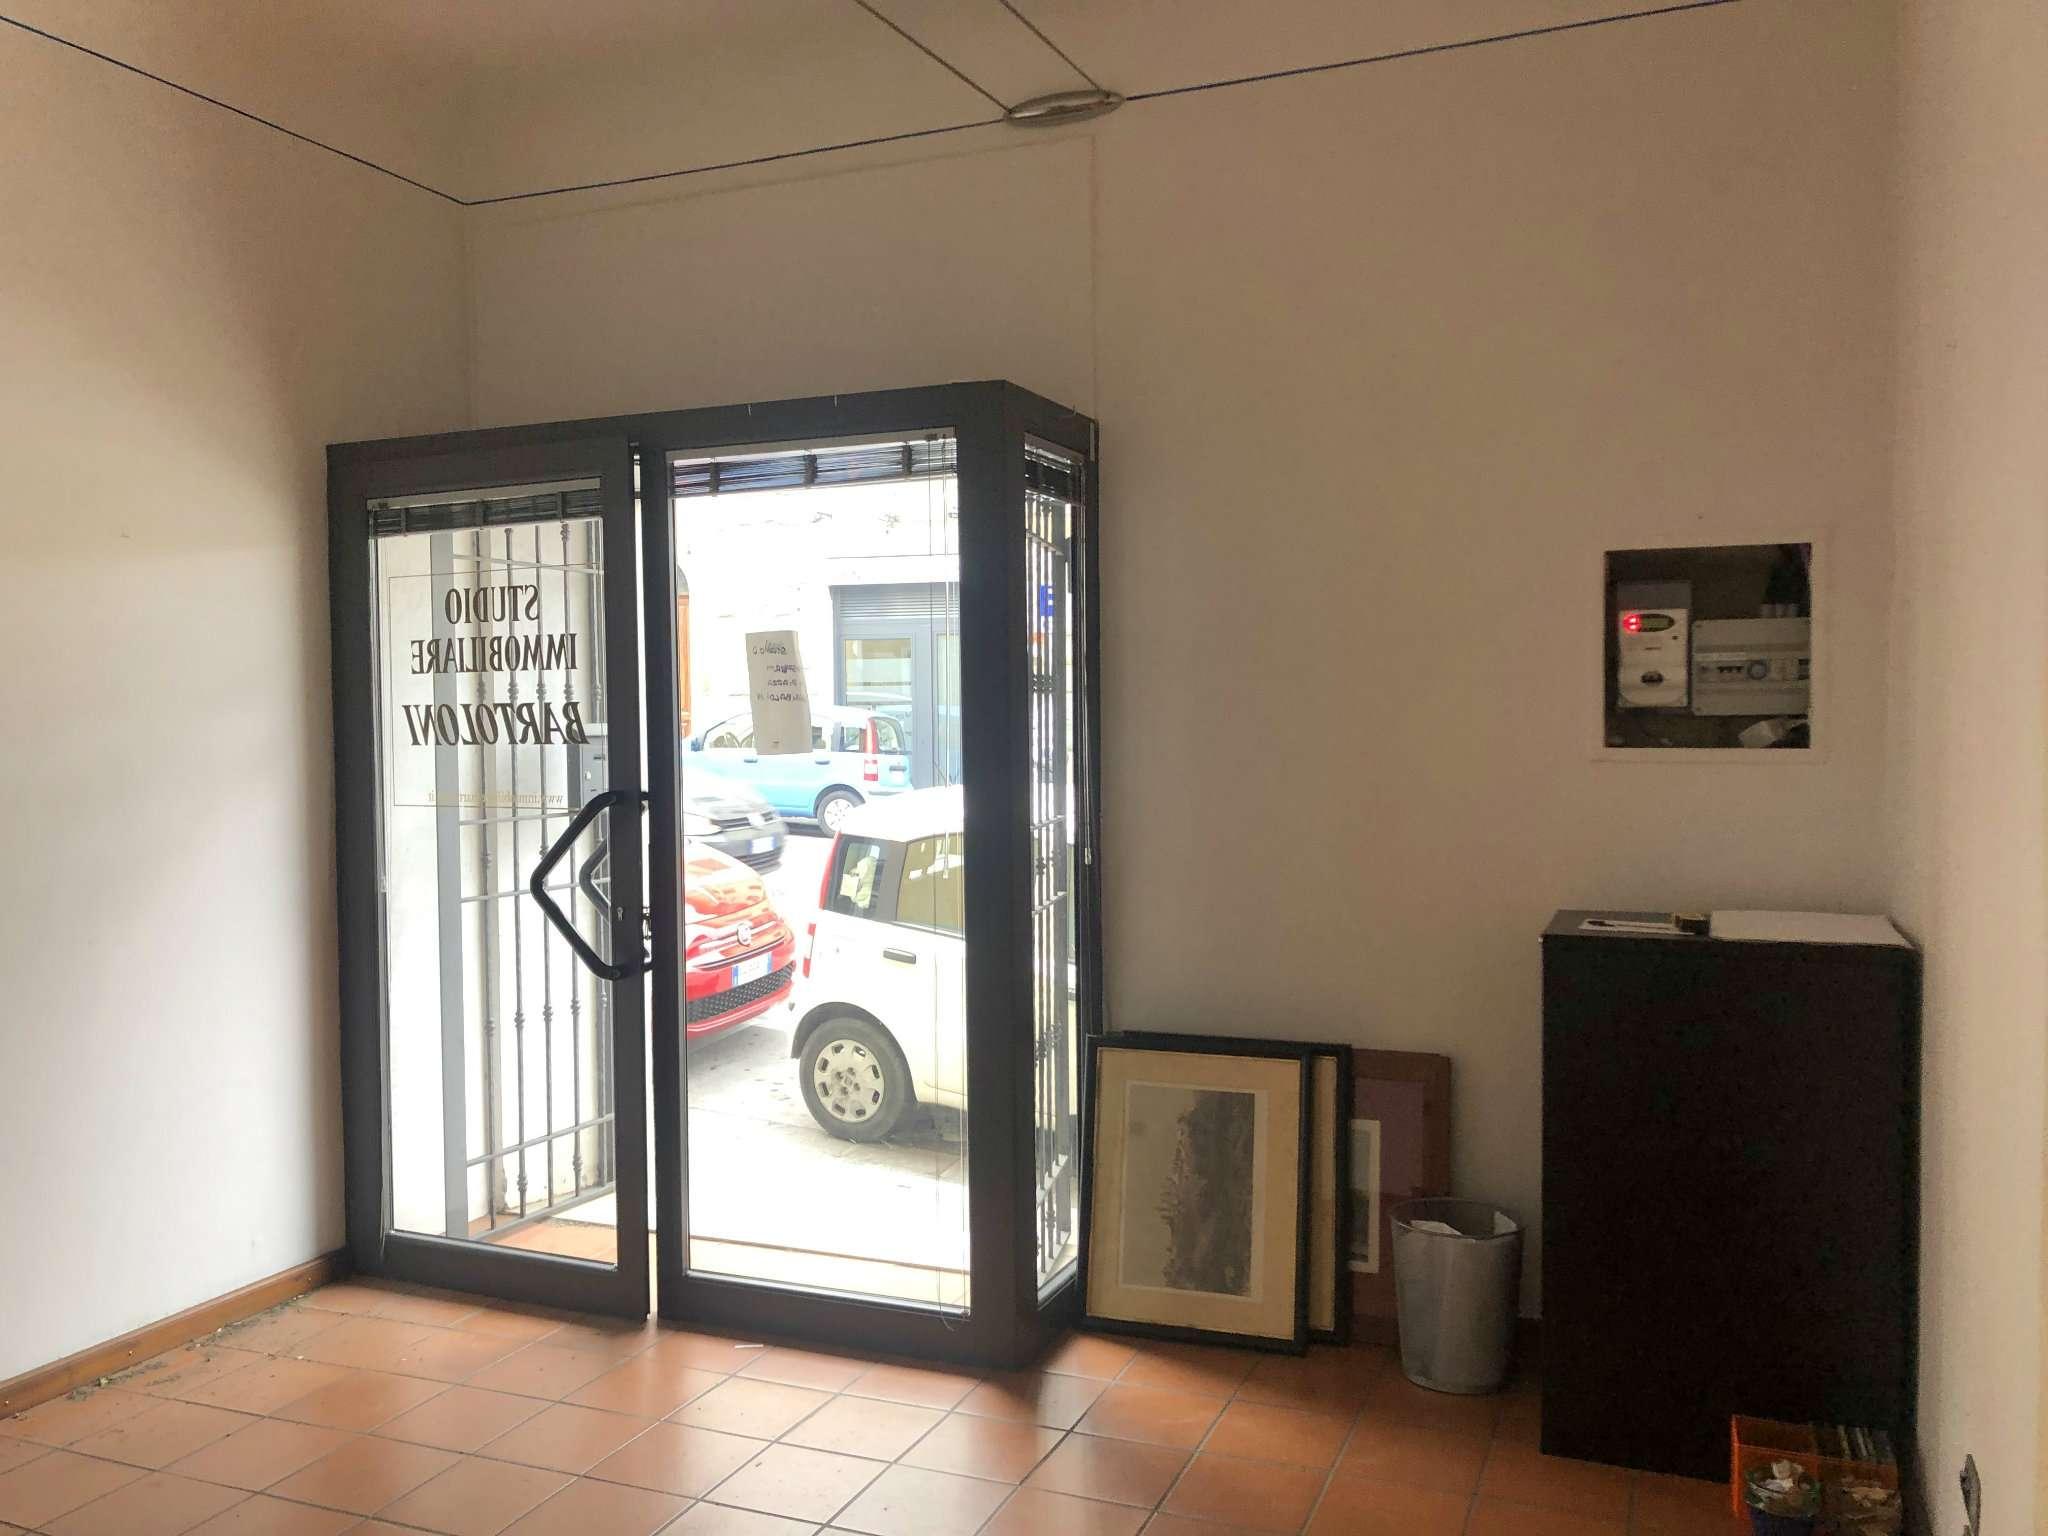 Negozio-locale in Affitto a Fiesole Centro:  1 locali, 20 mq  - Foto 1